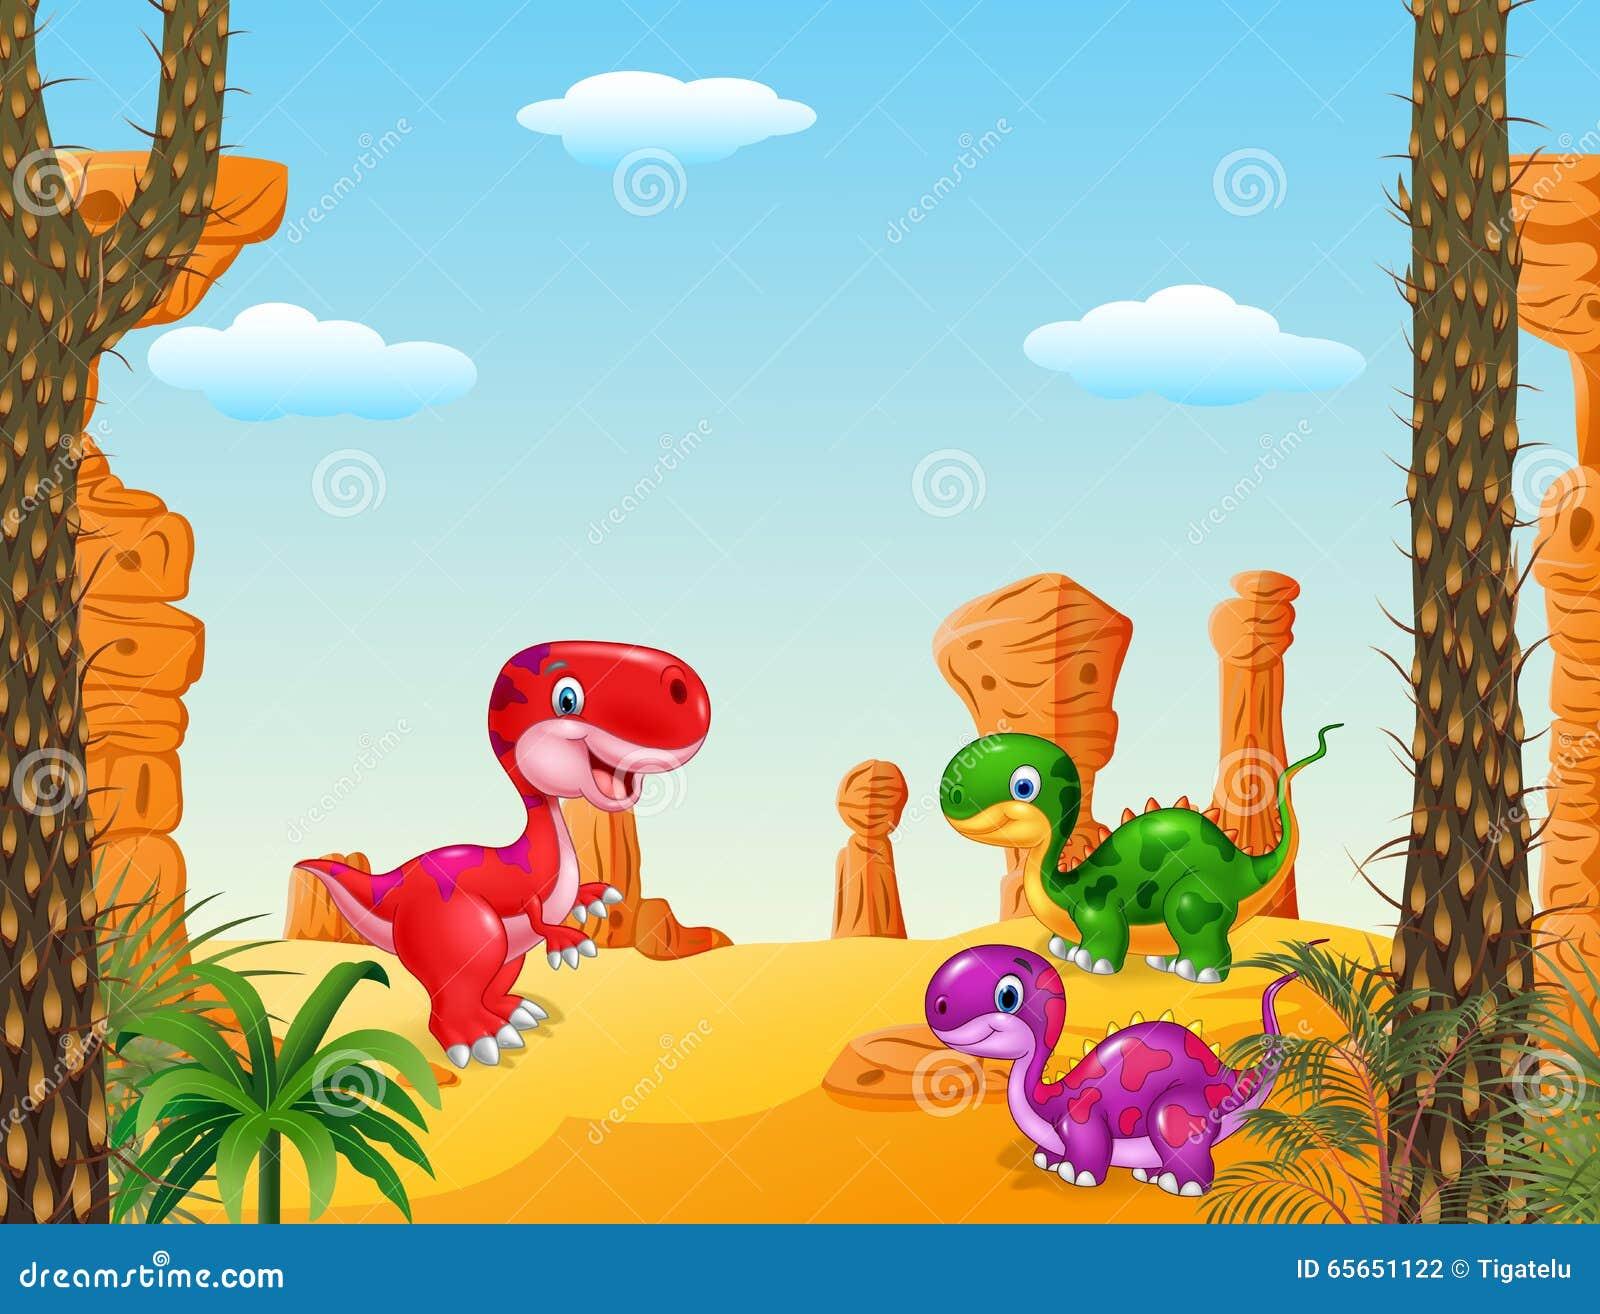 动画片愉快的恐龙收藏设置了有史前背景